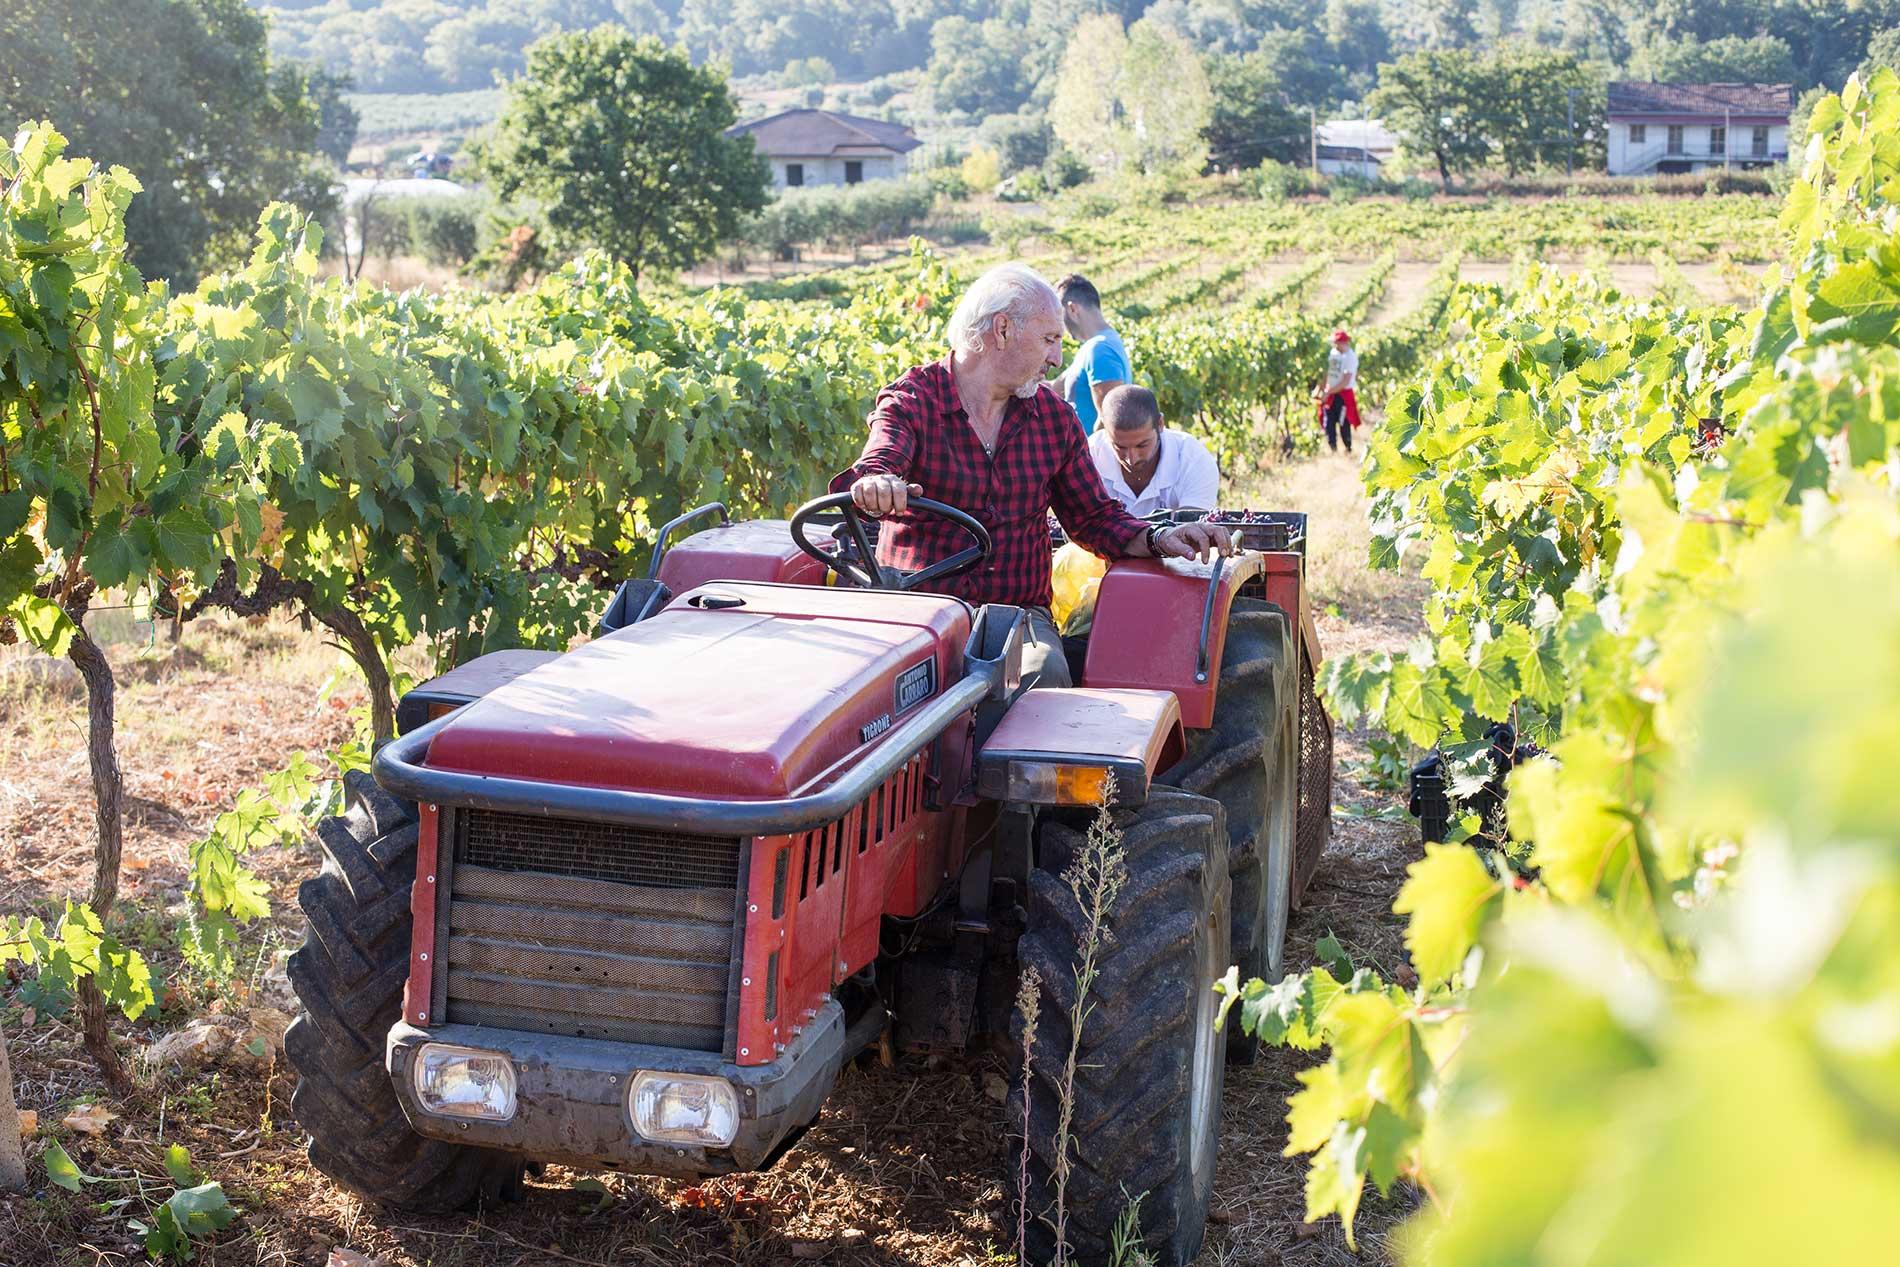 Trattore nel vitigno - Azienda Agricola Morrone Davide